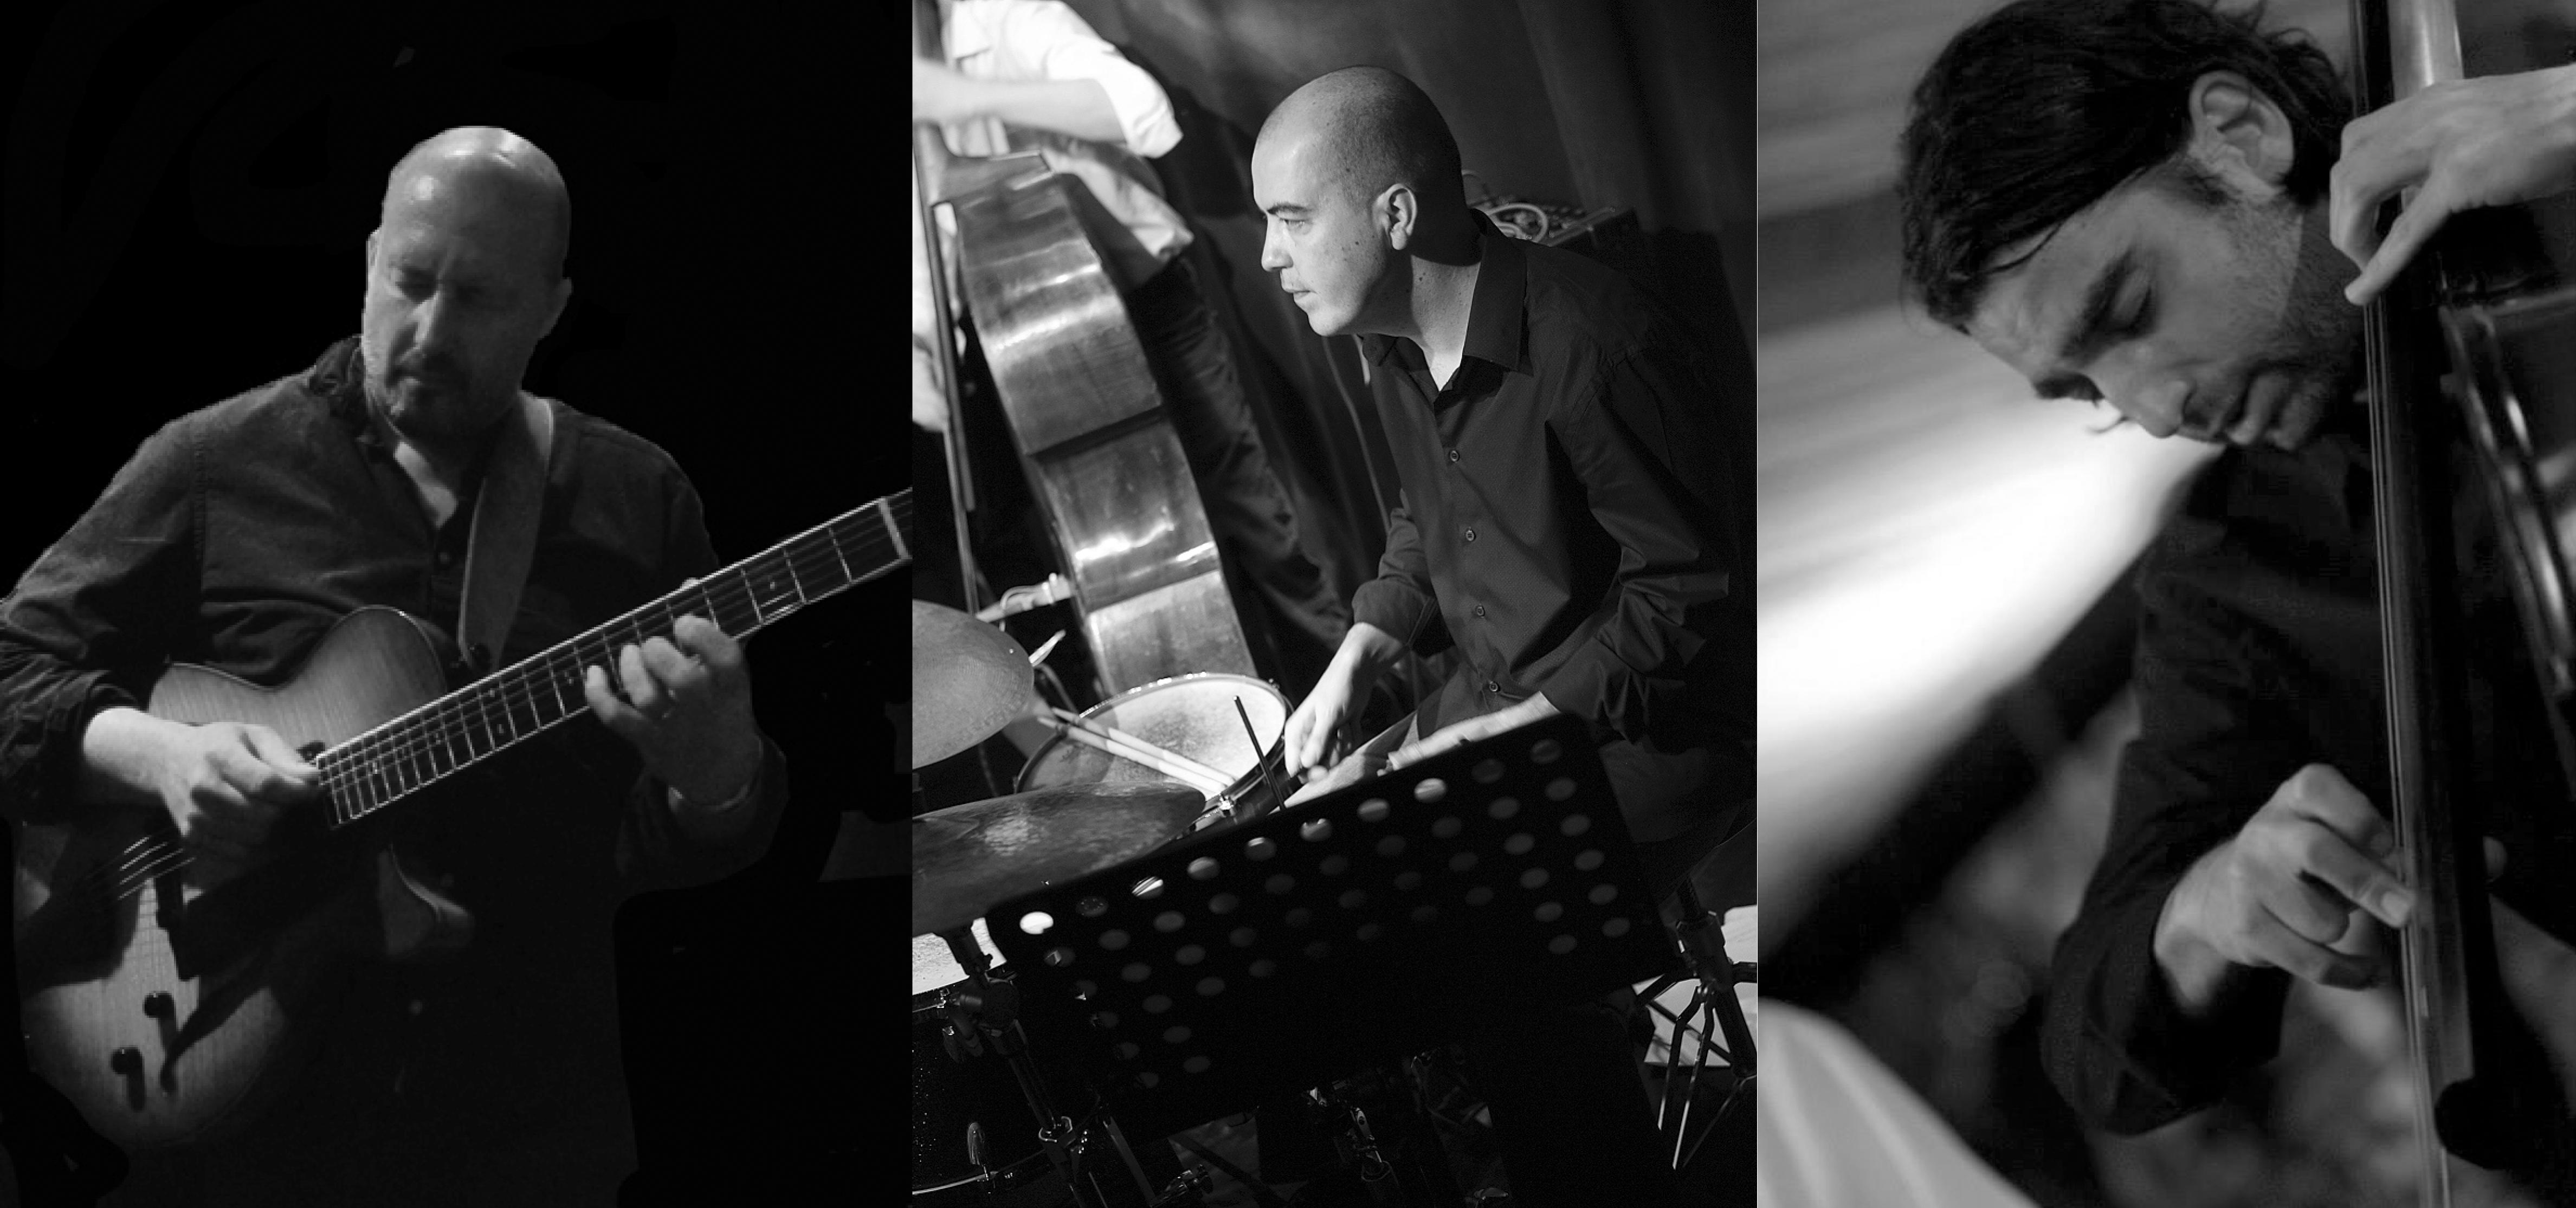 Wilfrid durand durand szanday lechantre trio au canap for Le canape gif sur yvette